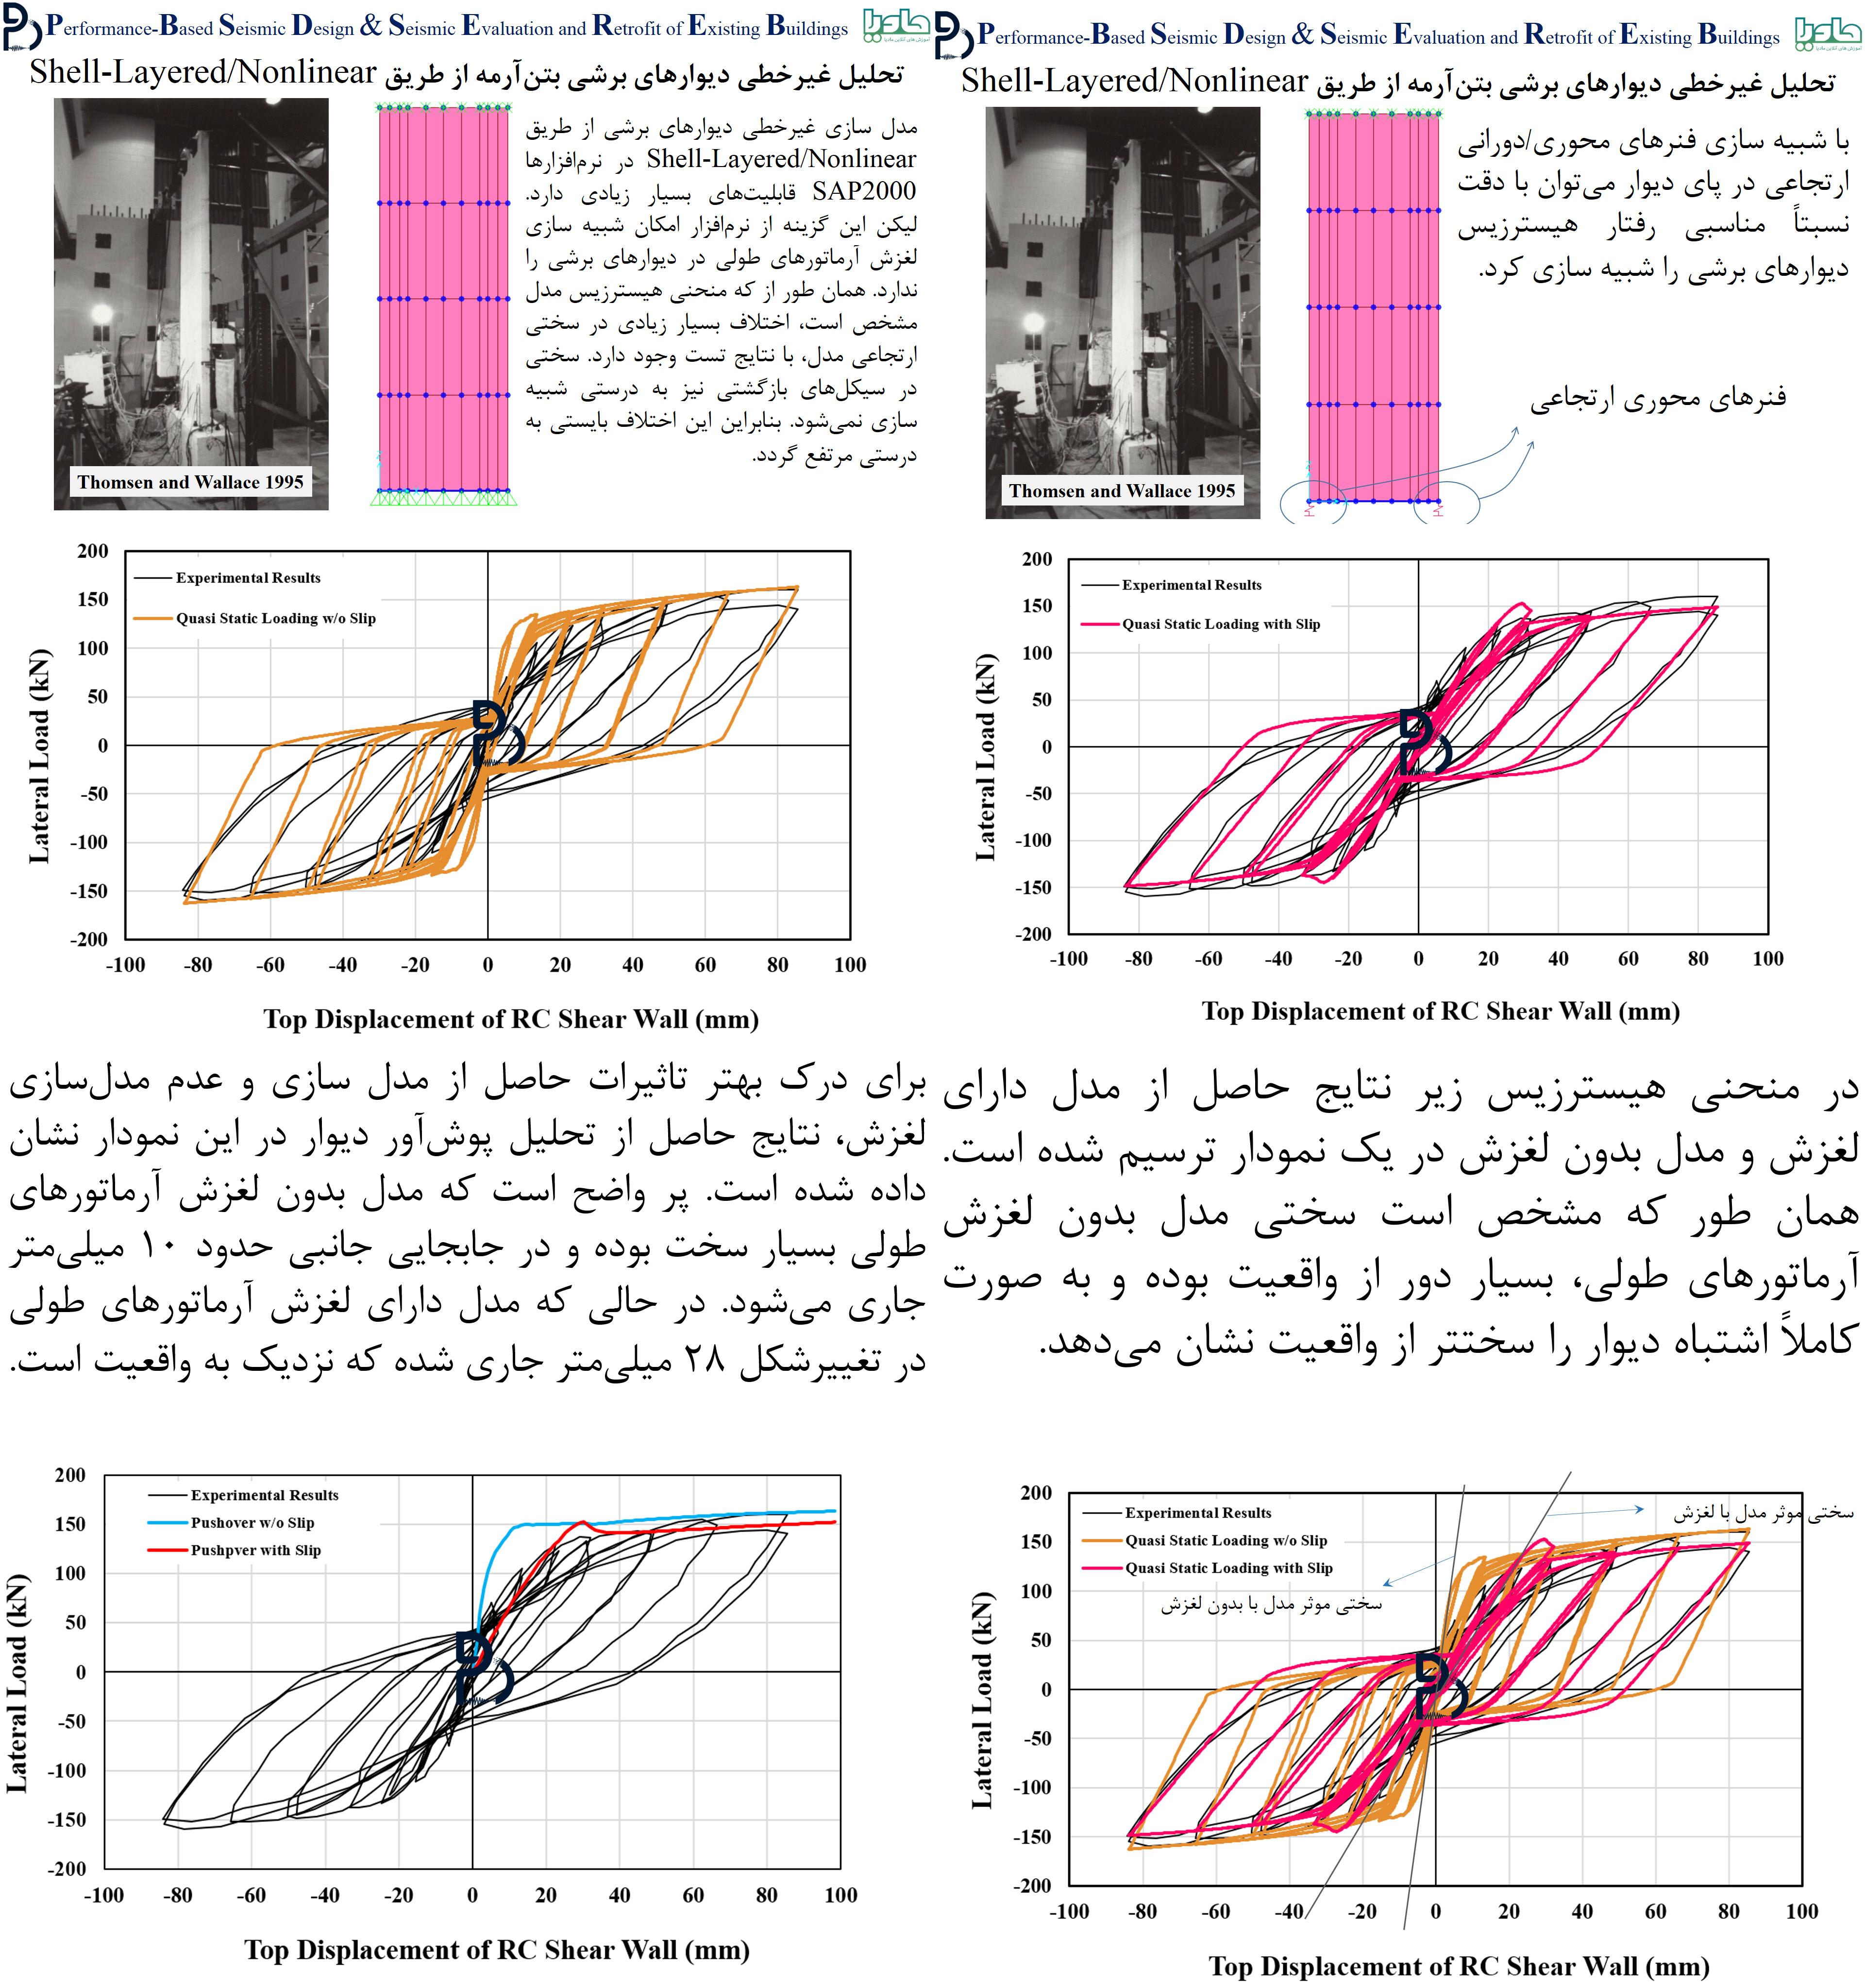 تحلیل غیرخطی دیوارهای برشی به روش فایبر از طریق Shell-Layered/Nonlinear به همراه بررسی روشهای شبیه سازی لغزش آرماتورهای طولی